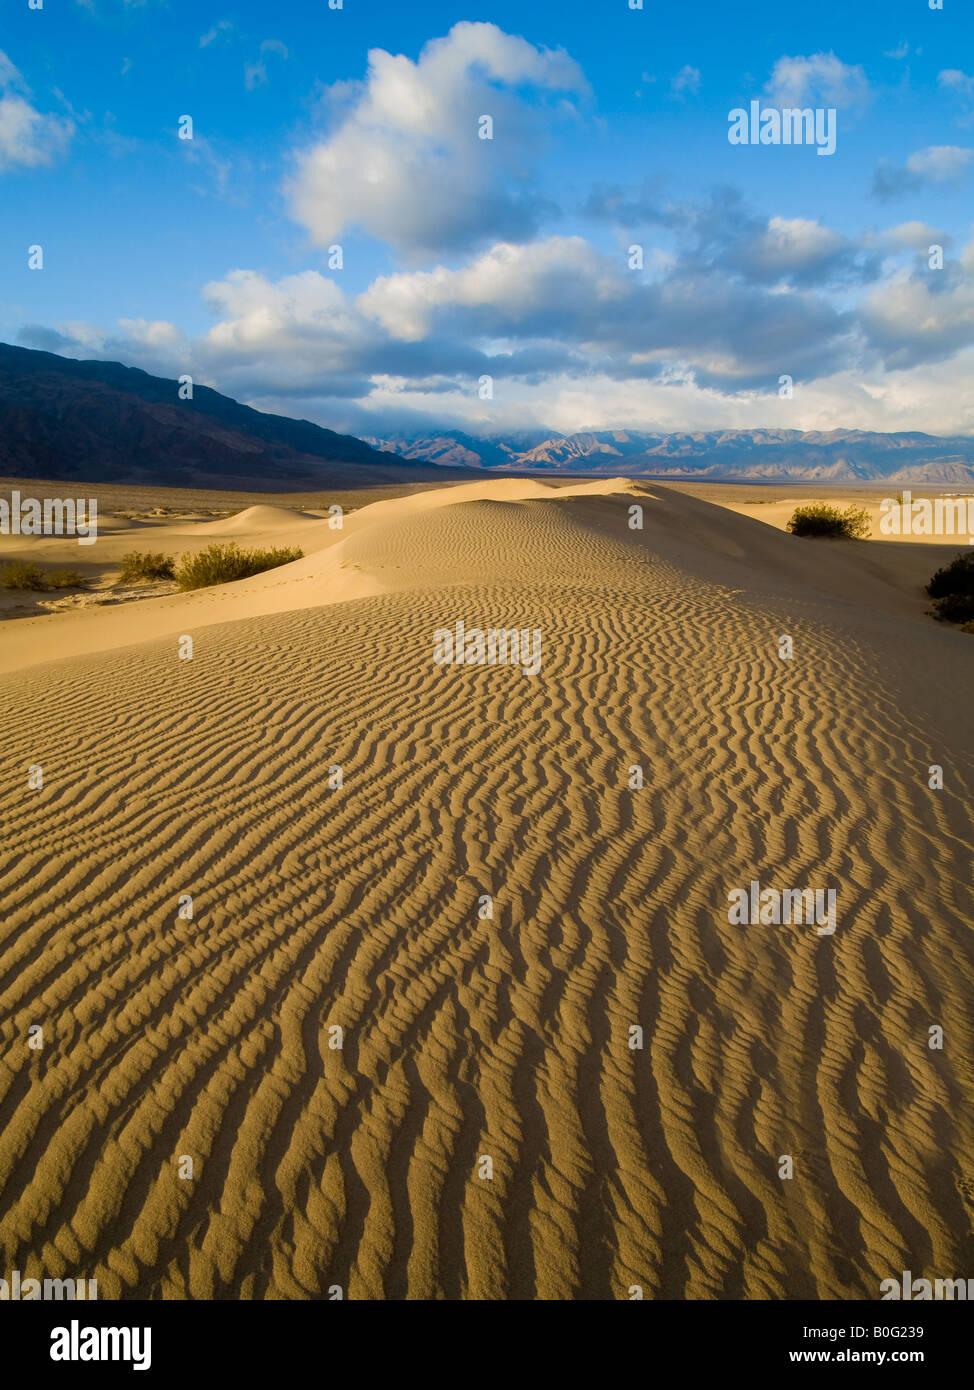 Dunes de sable de Stovepipe Wells Death Valley National Park Californie USA Banque D'Images